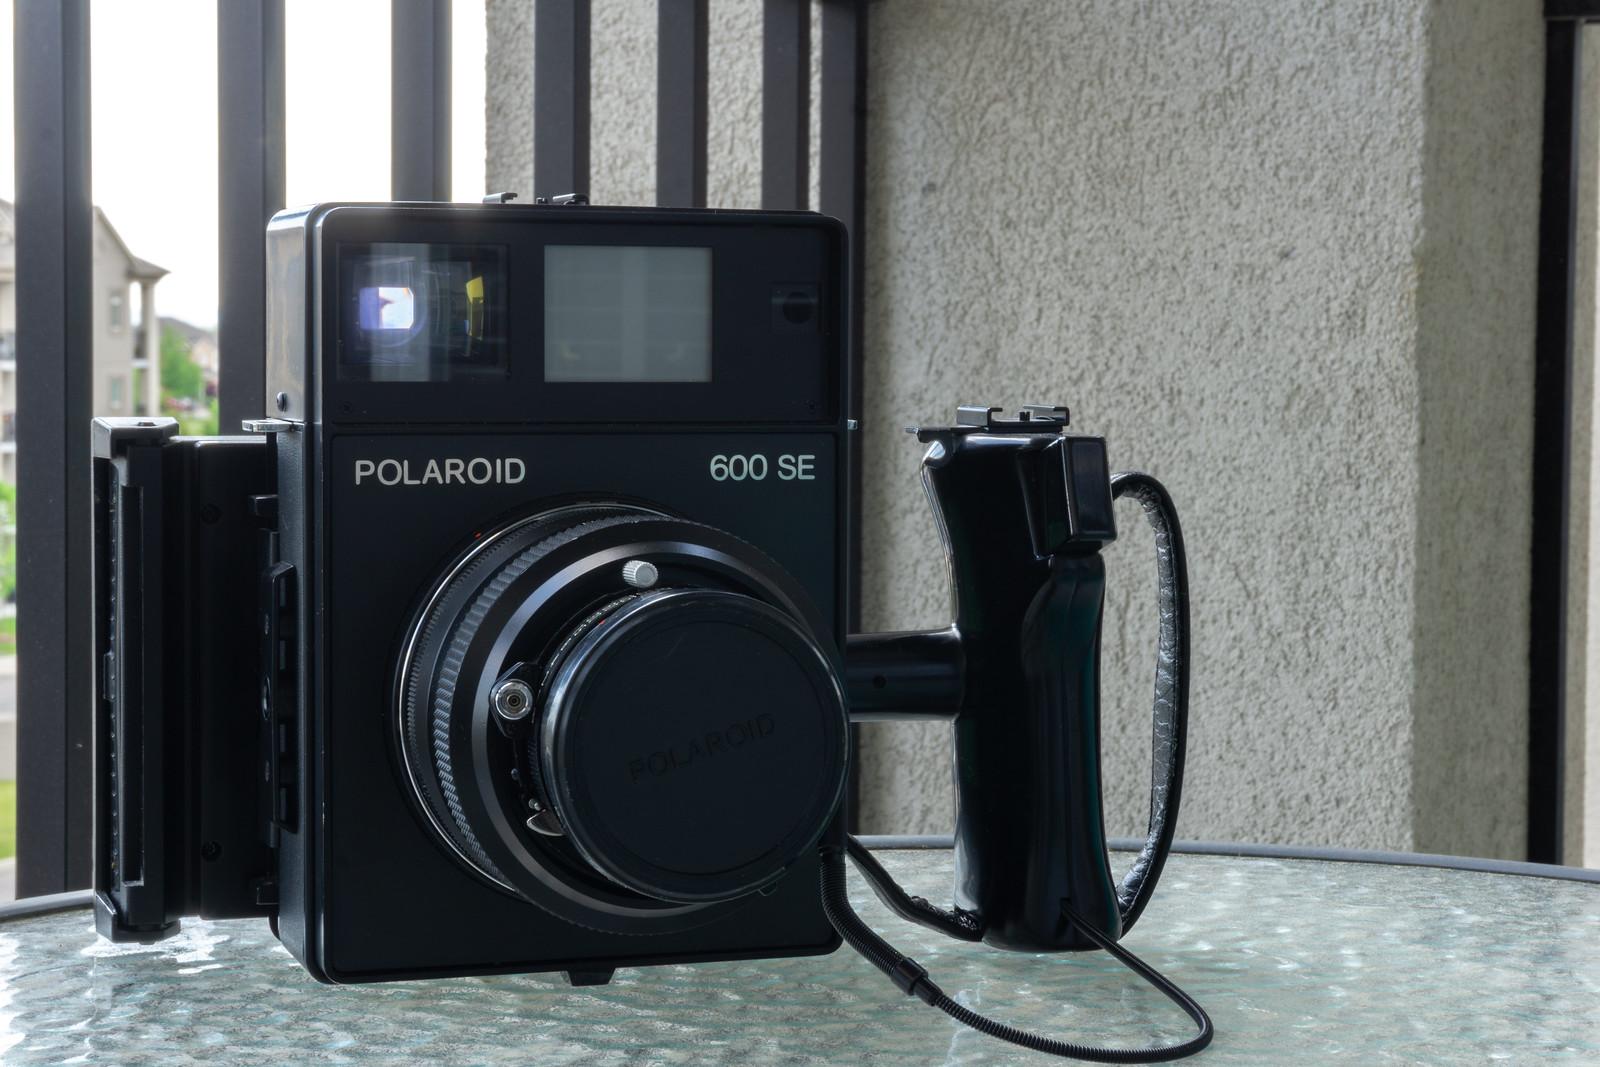 Camera Review Blog No. 124 - Polaroid 600 SE